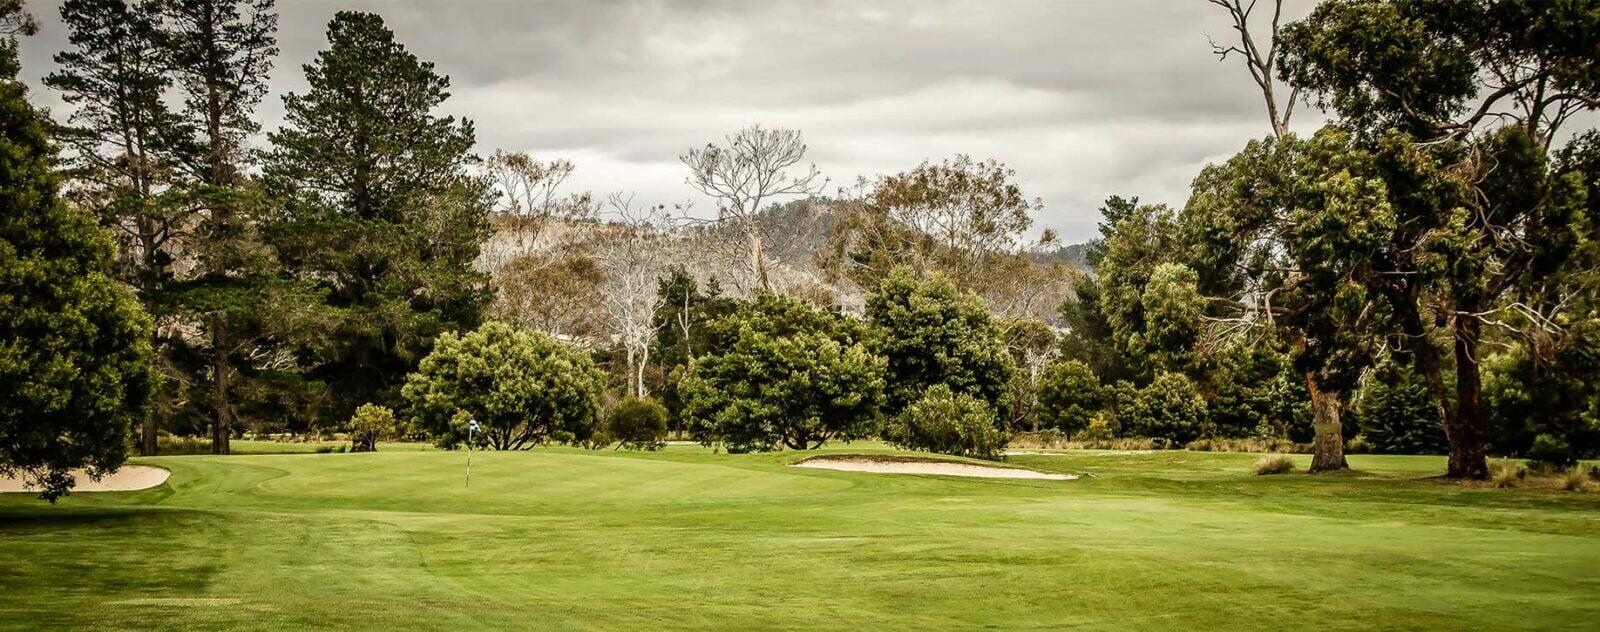 Royal Hobart sixth green